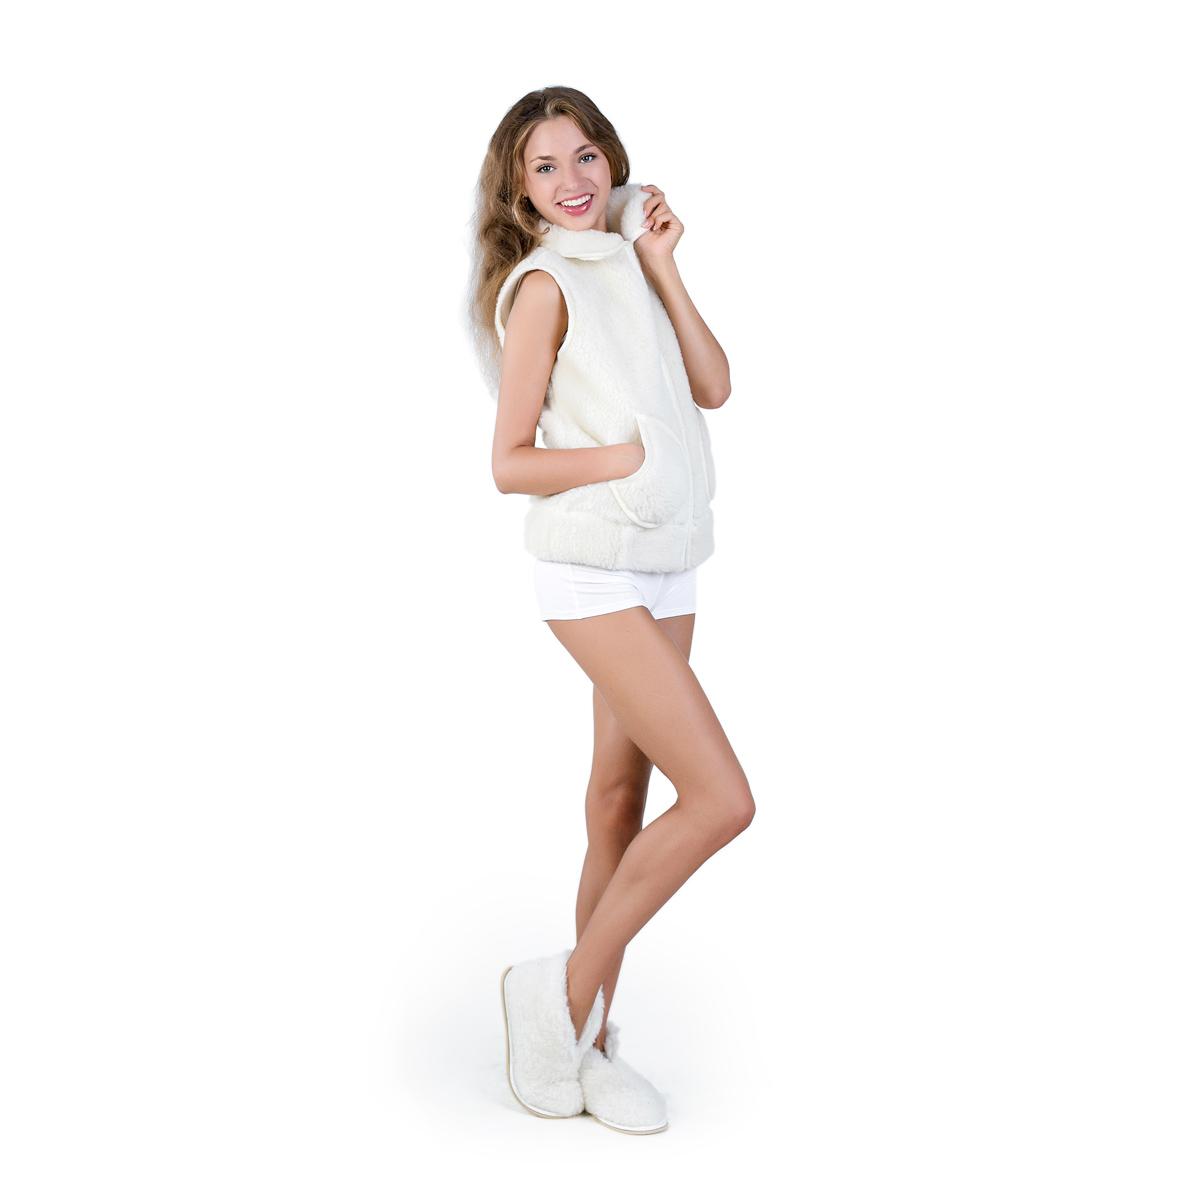 Жен. жилет Модный Белый р. 50Женская одежда по акции<br>Обхват груди: 100 см <br>Обхват талии: 82 см <br>Обхват бедер: 108 см <br>Длина по спинке: 60 см <br>Рост: 164-170 см<br><br>Тип: Жен. жилет<br>Размер: 50<br>Материал: Овечья шерсть